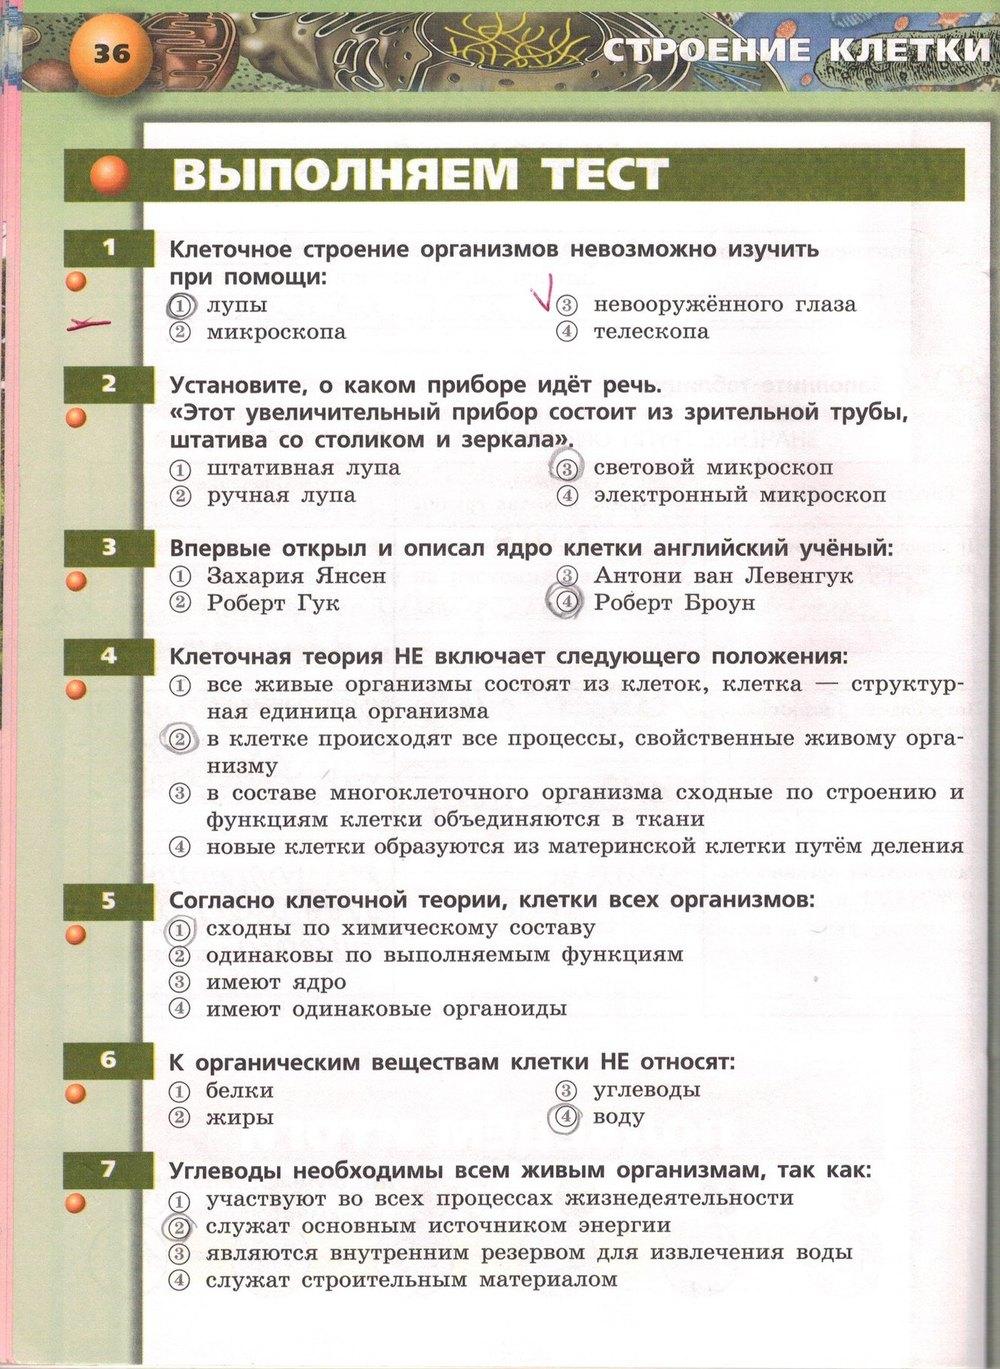 Гдз по биологии 6 класс рабочая тетрадь сухорукова